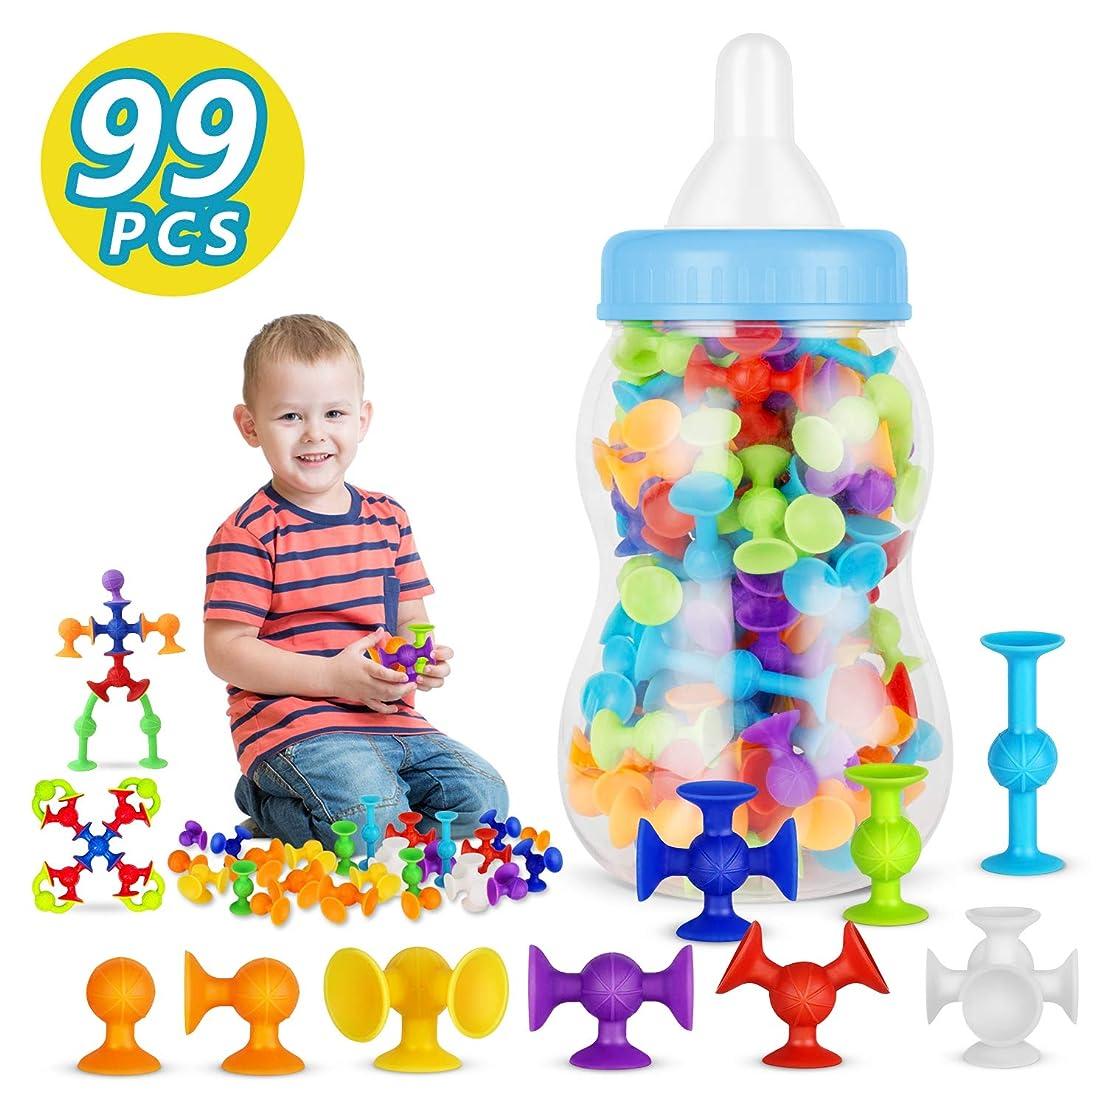 イブここにバトル新感覚知育ブロック 99個セット 吸盤 おもちゃ 知育玩具 DIY積み木 組み立て お風呂のおもちゃ子供誕生日プレゼント 柔らかいシリコーン